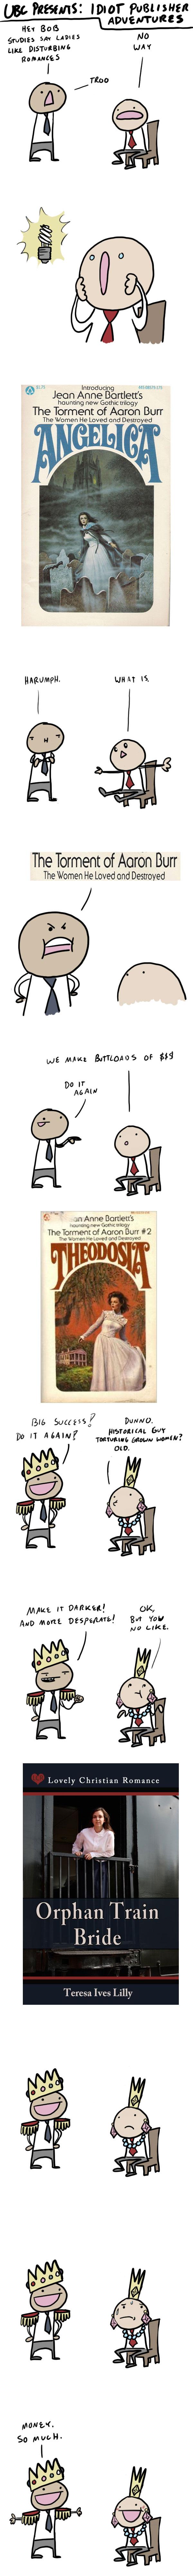 Aaron Burr series